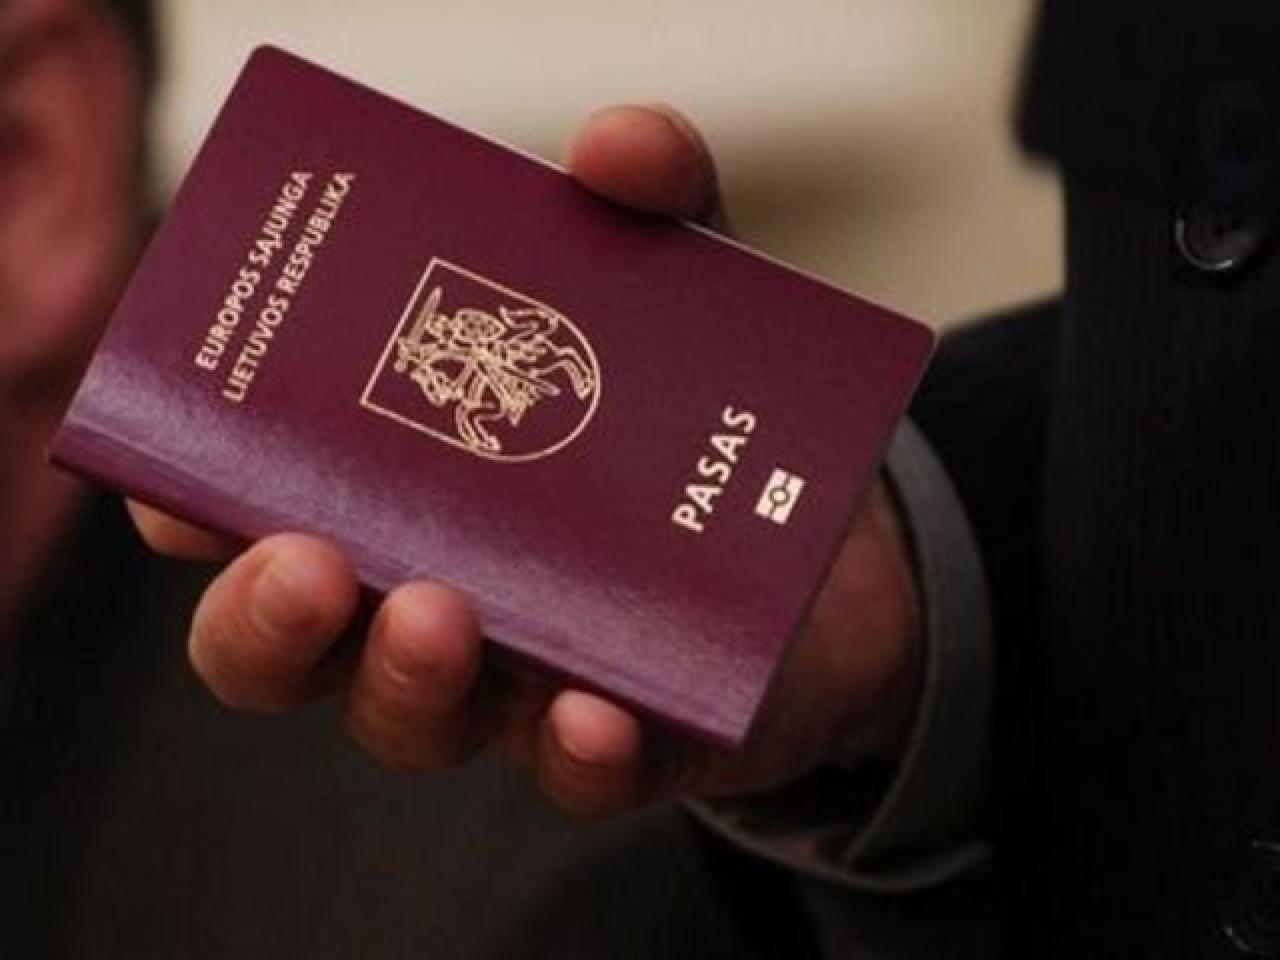 Гражданство ЕС. Паспорт Евросоюза - 1